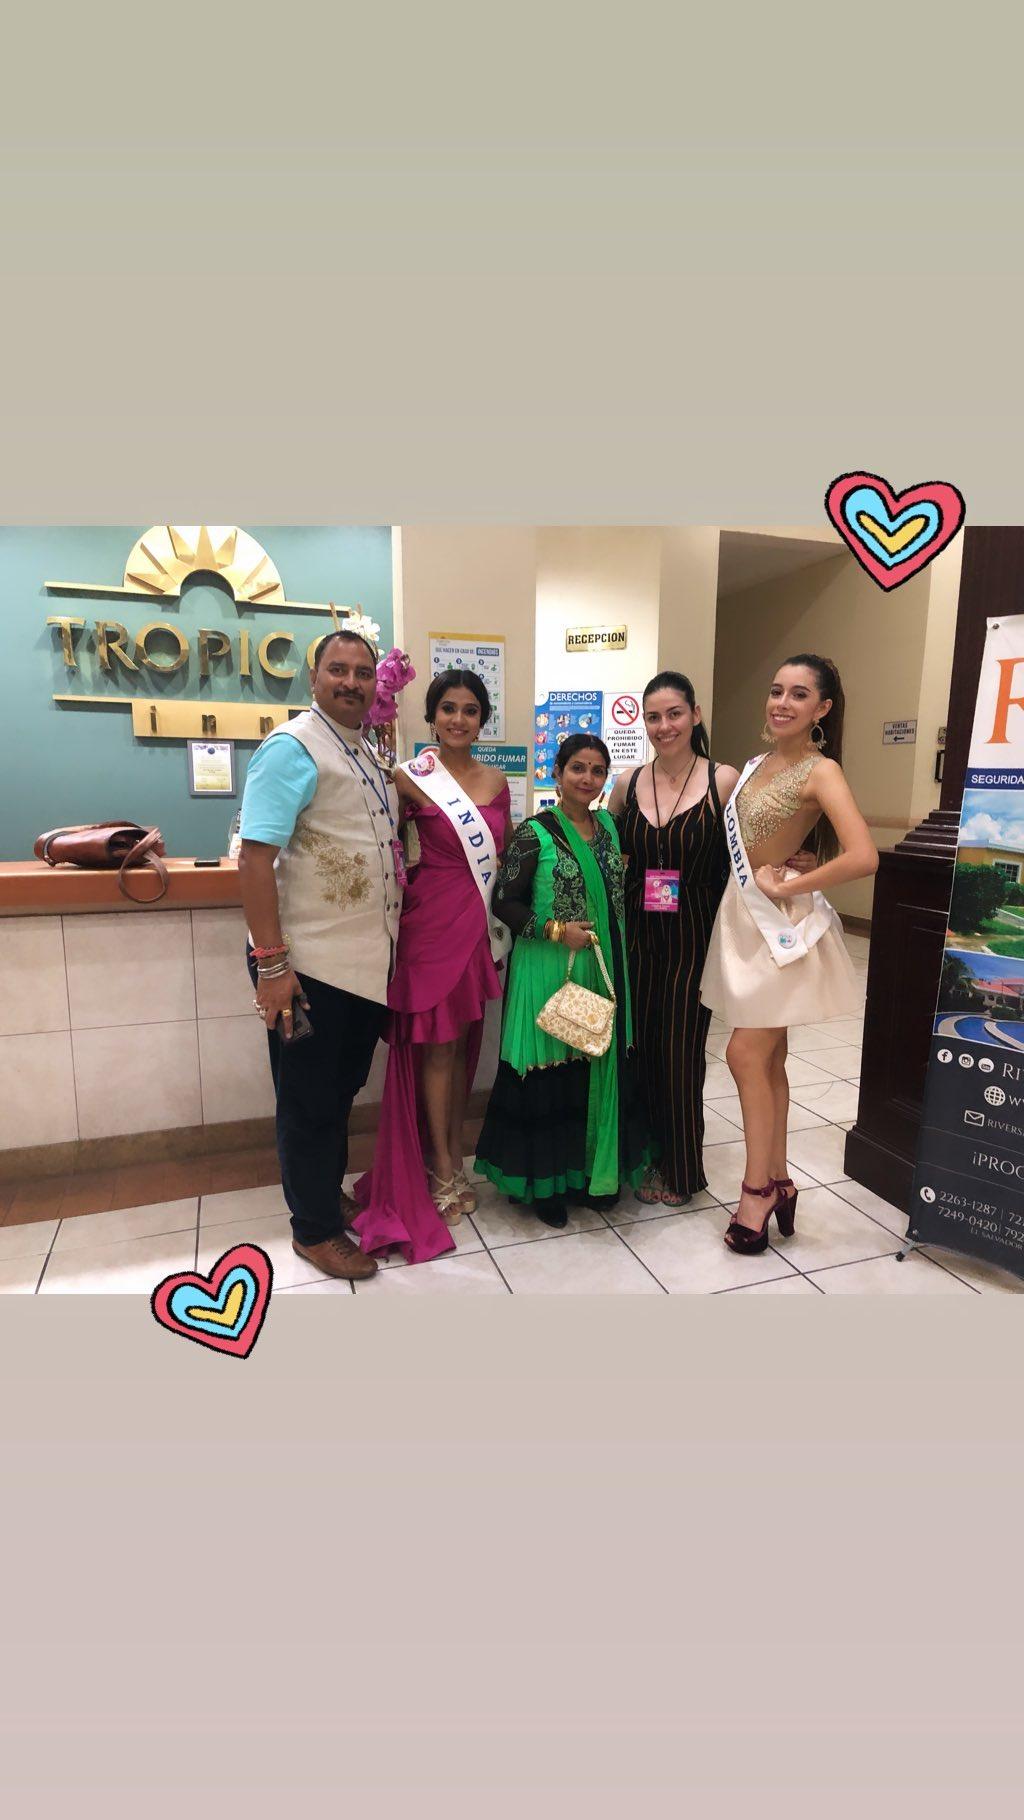 maya mejia ospina, miss teen mundial colombia 2019. - Página 2 59865910